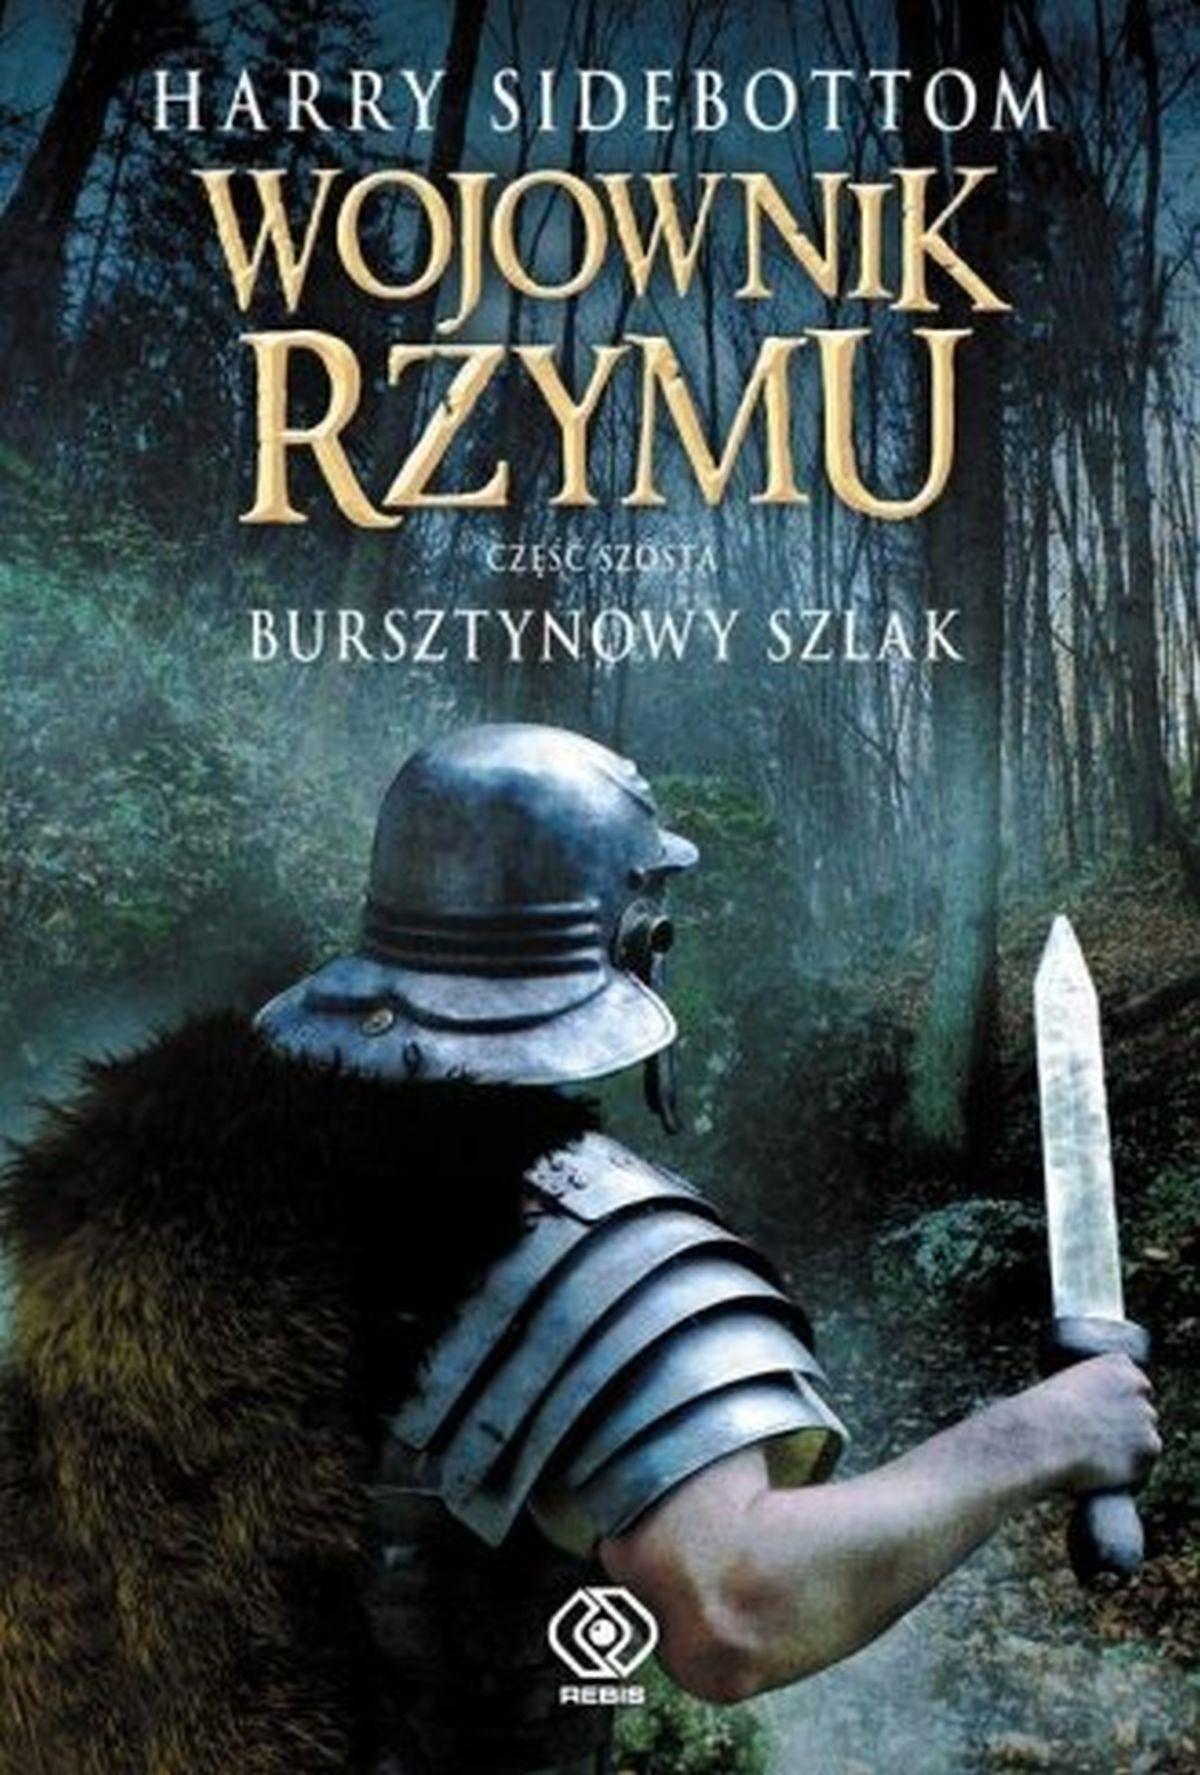 Wojownik Rzymu cz. 6. Bursztynowy szlak